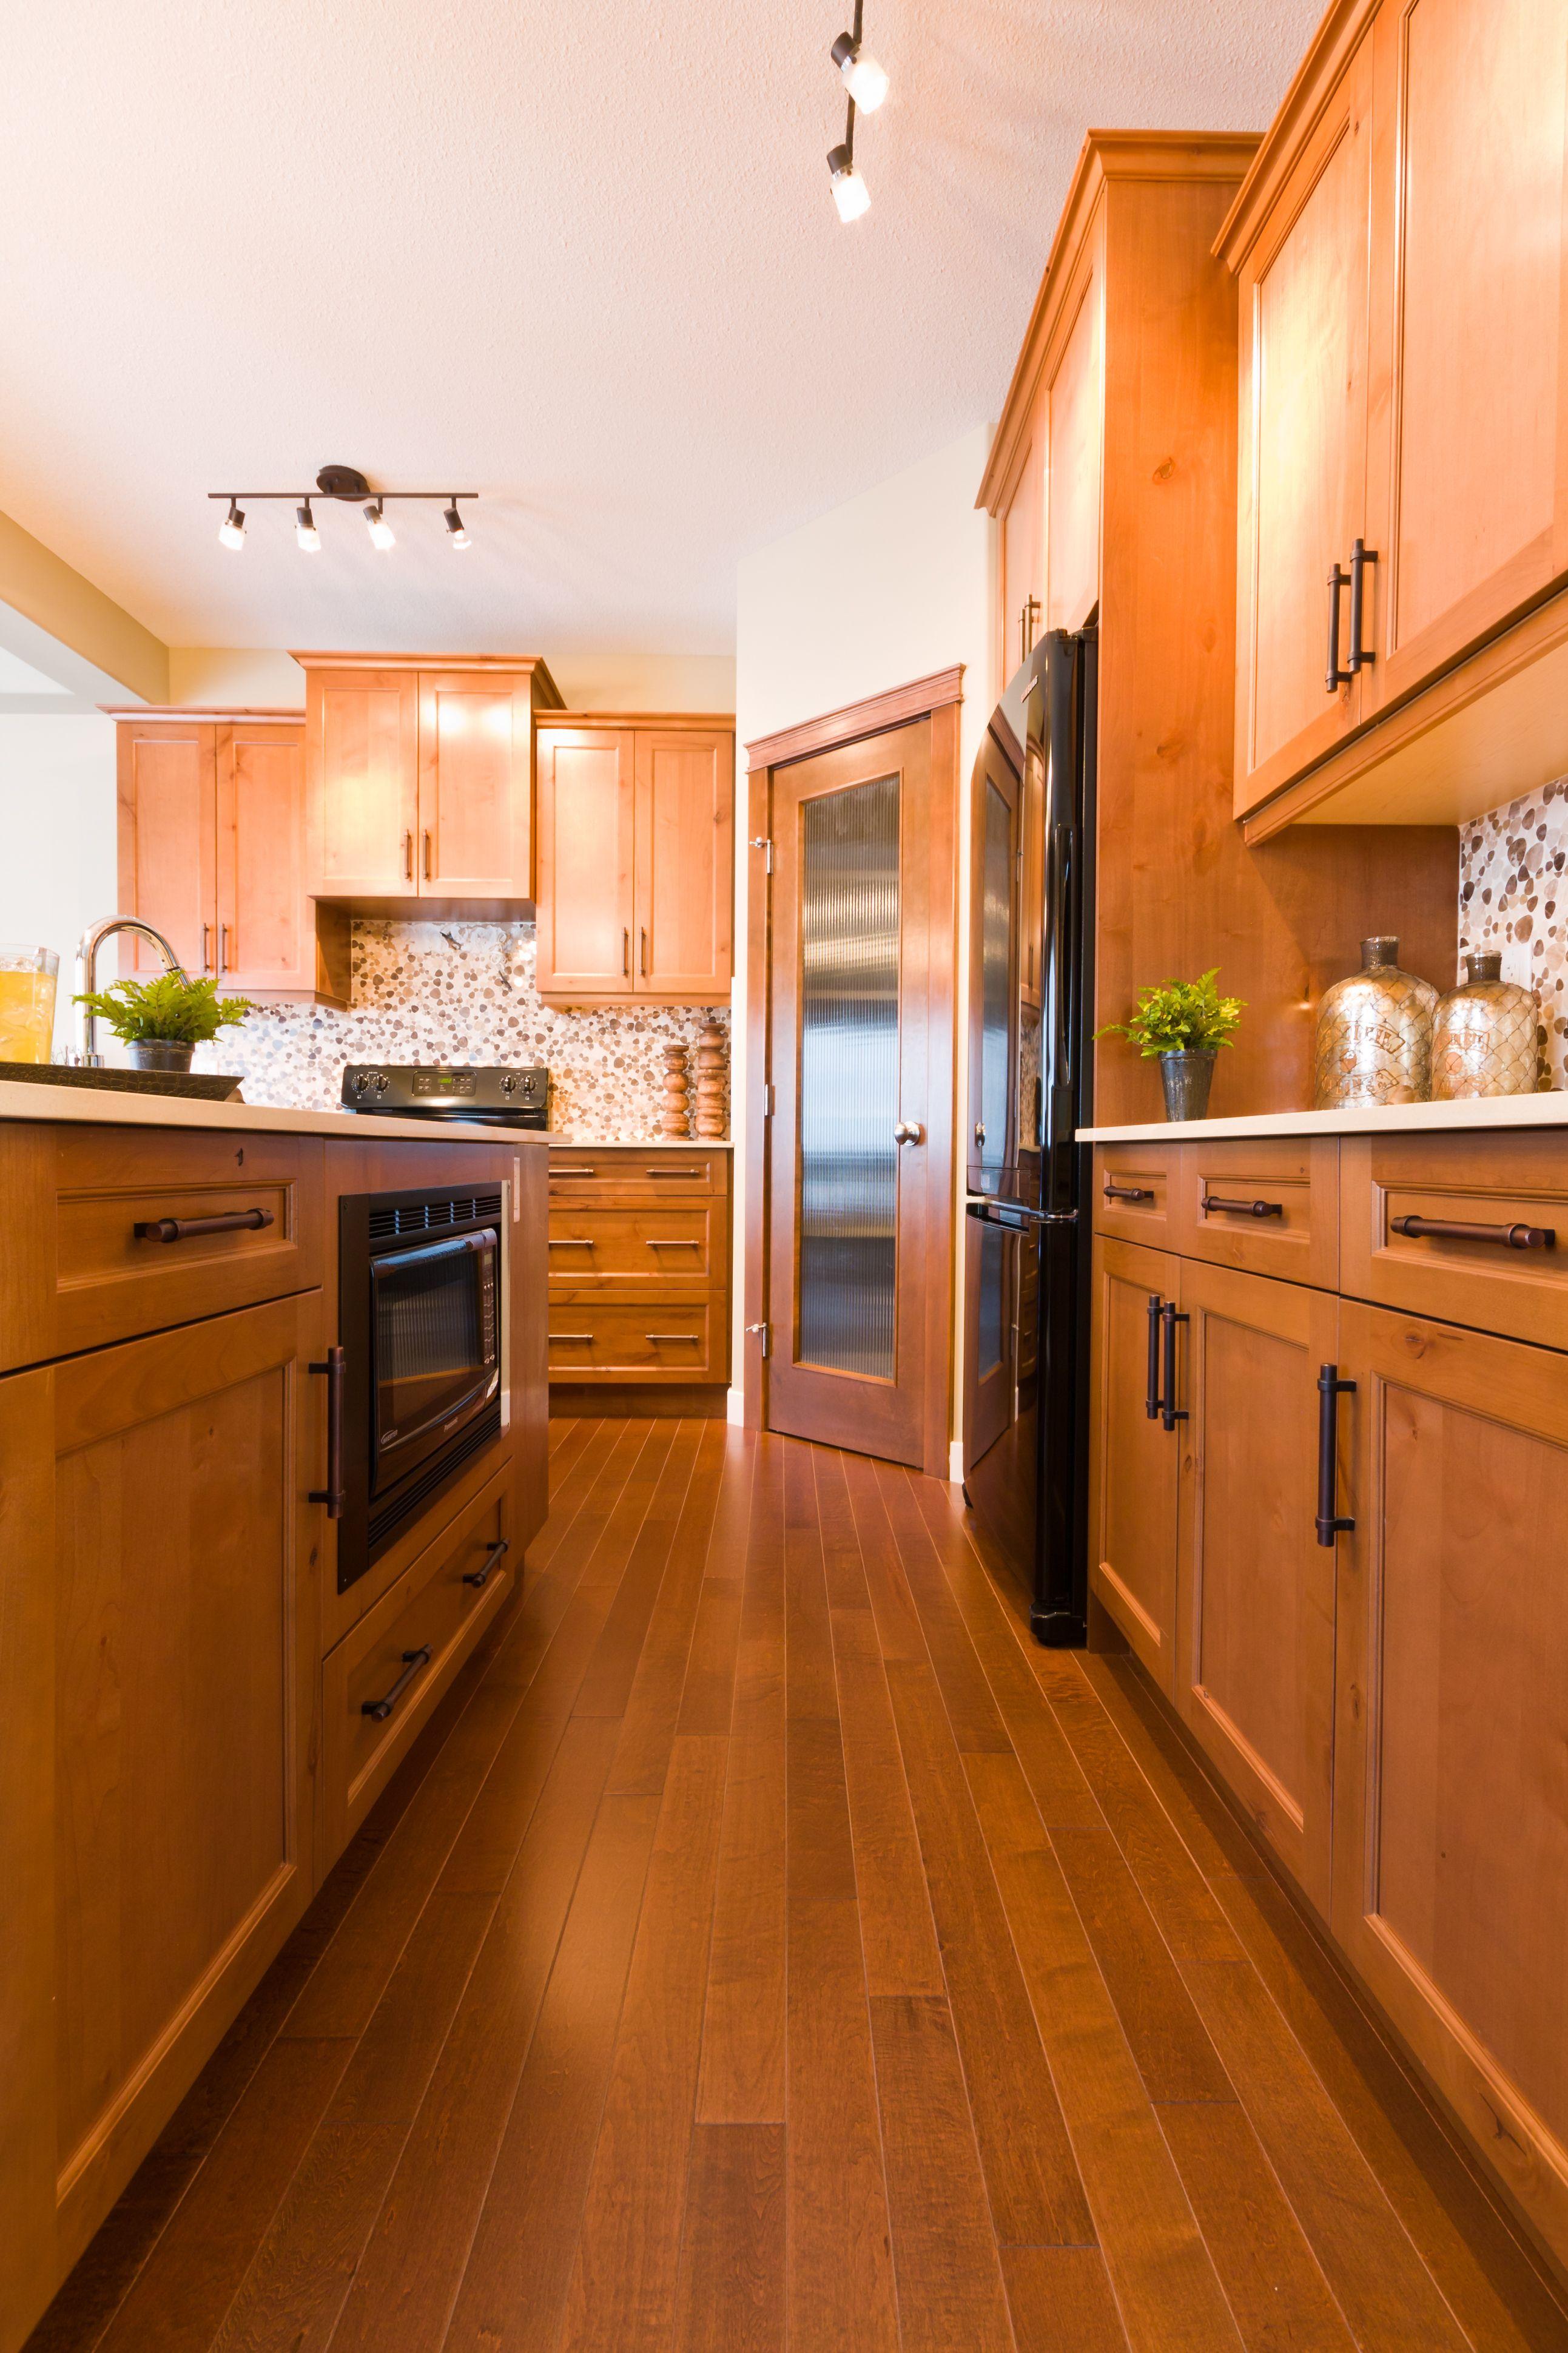 Best Rustic Alder Kitchen Cabinets With Clean Cream Quartz 400 x 300